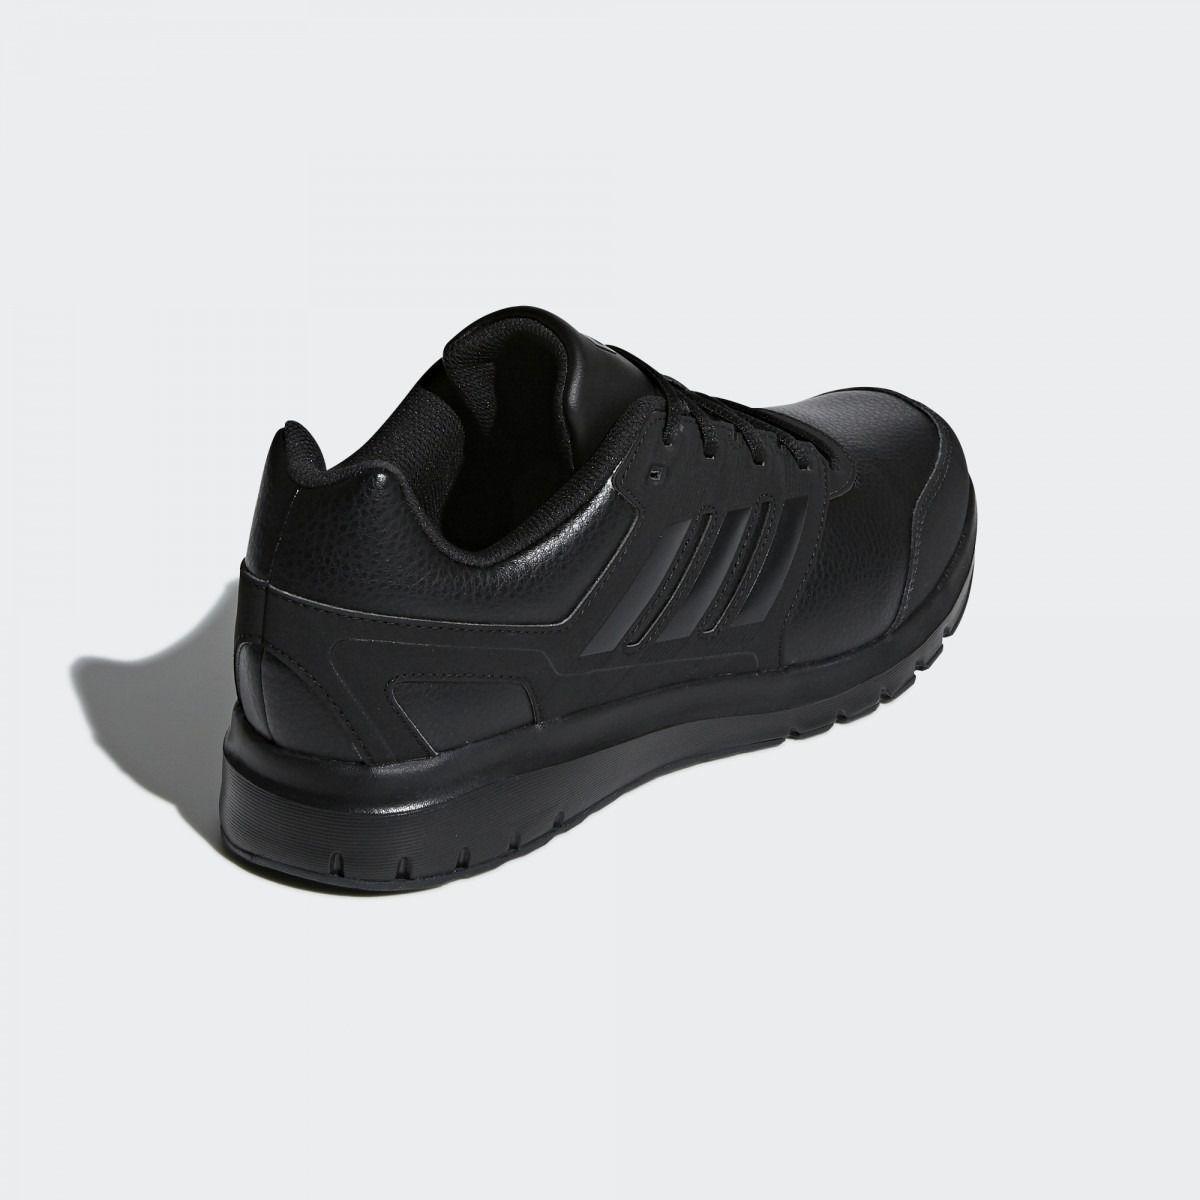 adc10e95d9 Tênis Adidas Duramo Lite 2.0 Masculino - Preto R$ 249,90 à vista. Adicionar  à sacola